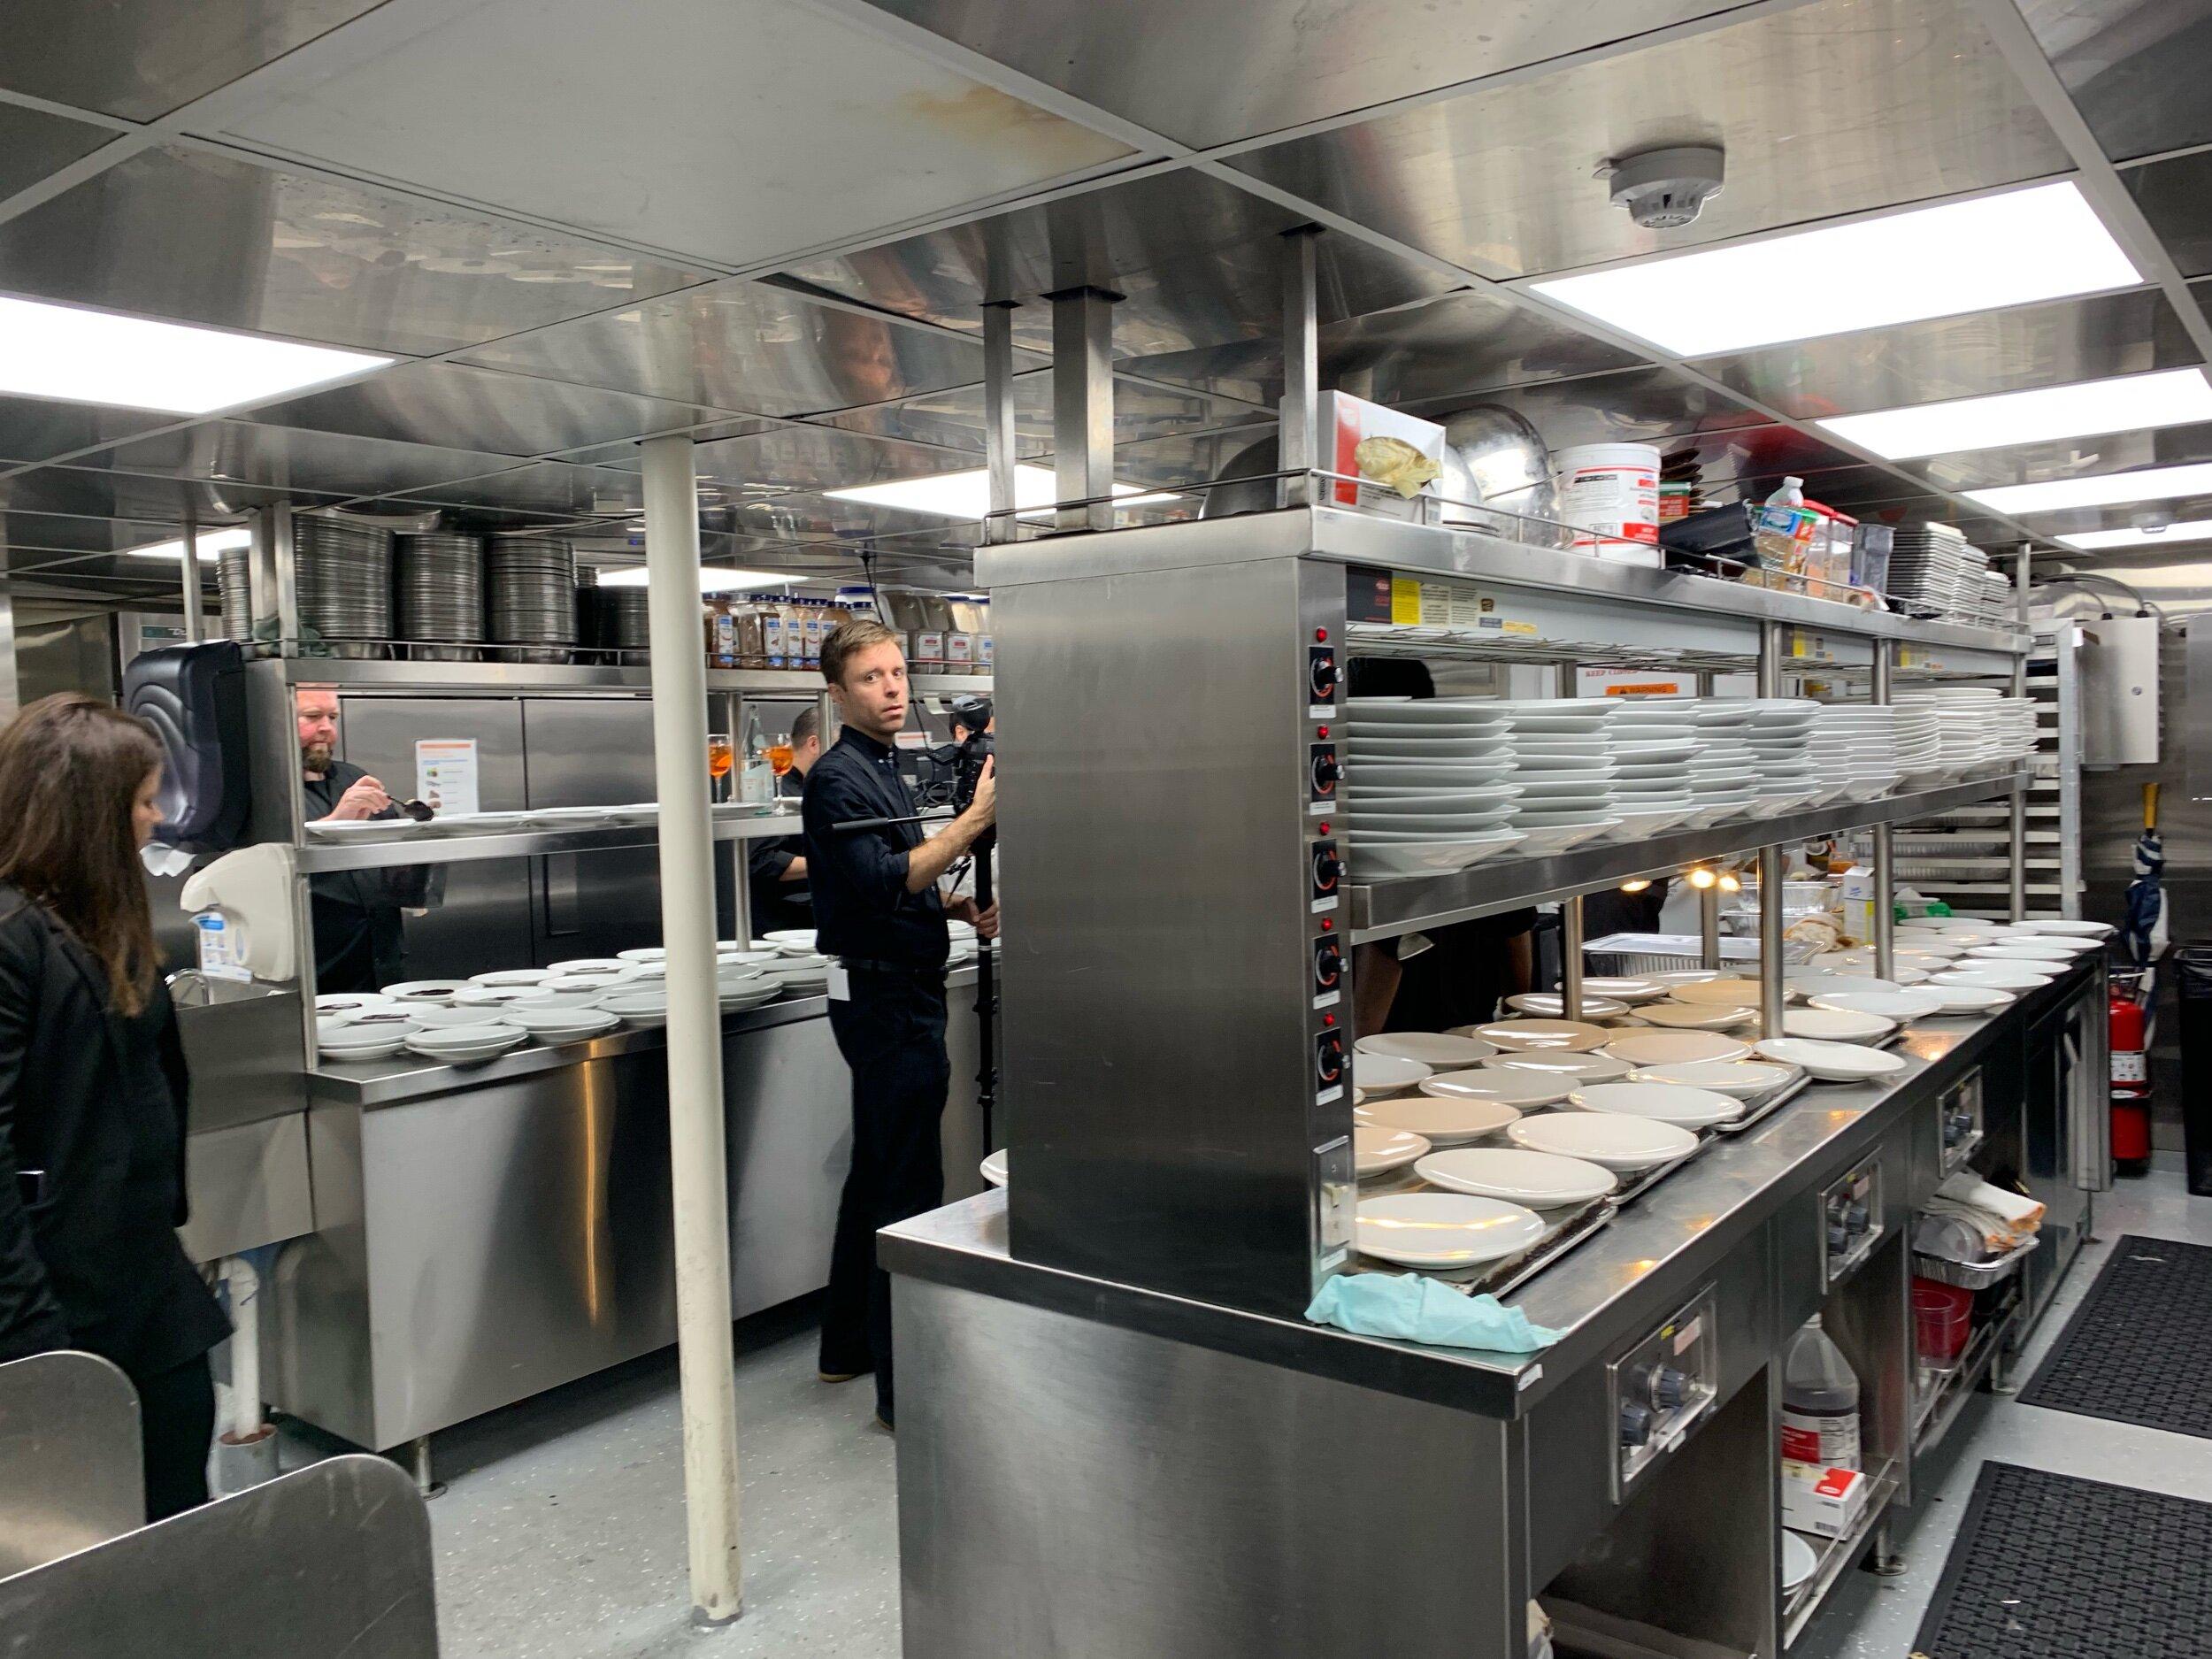 The galley kitchen